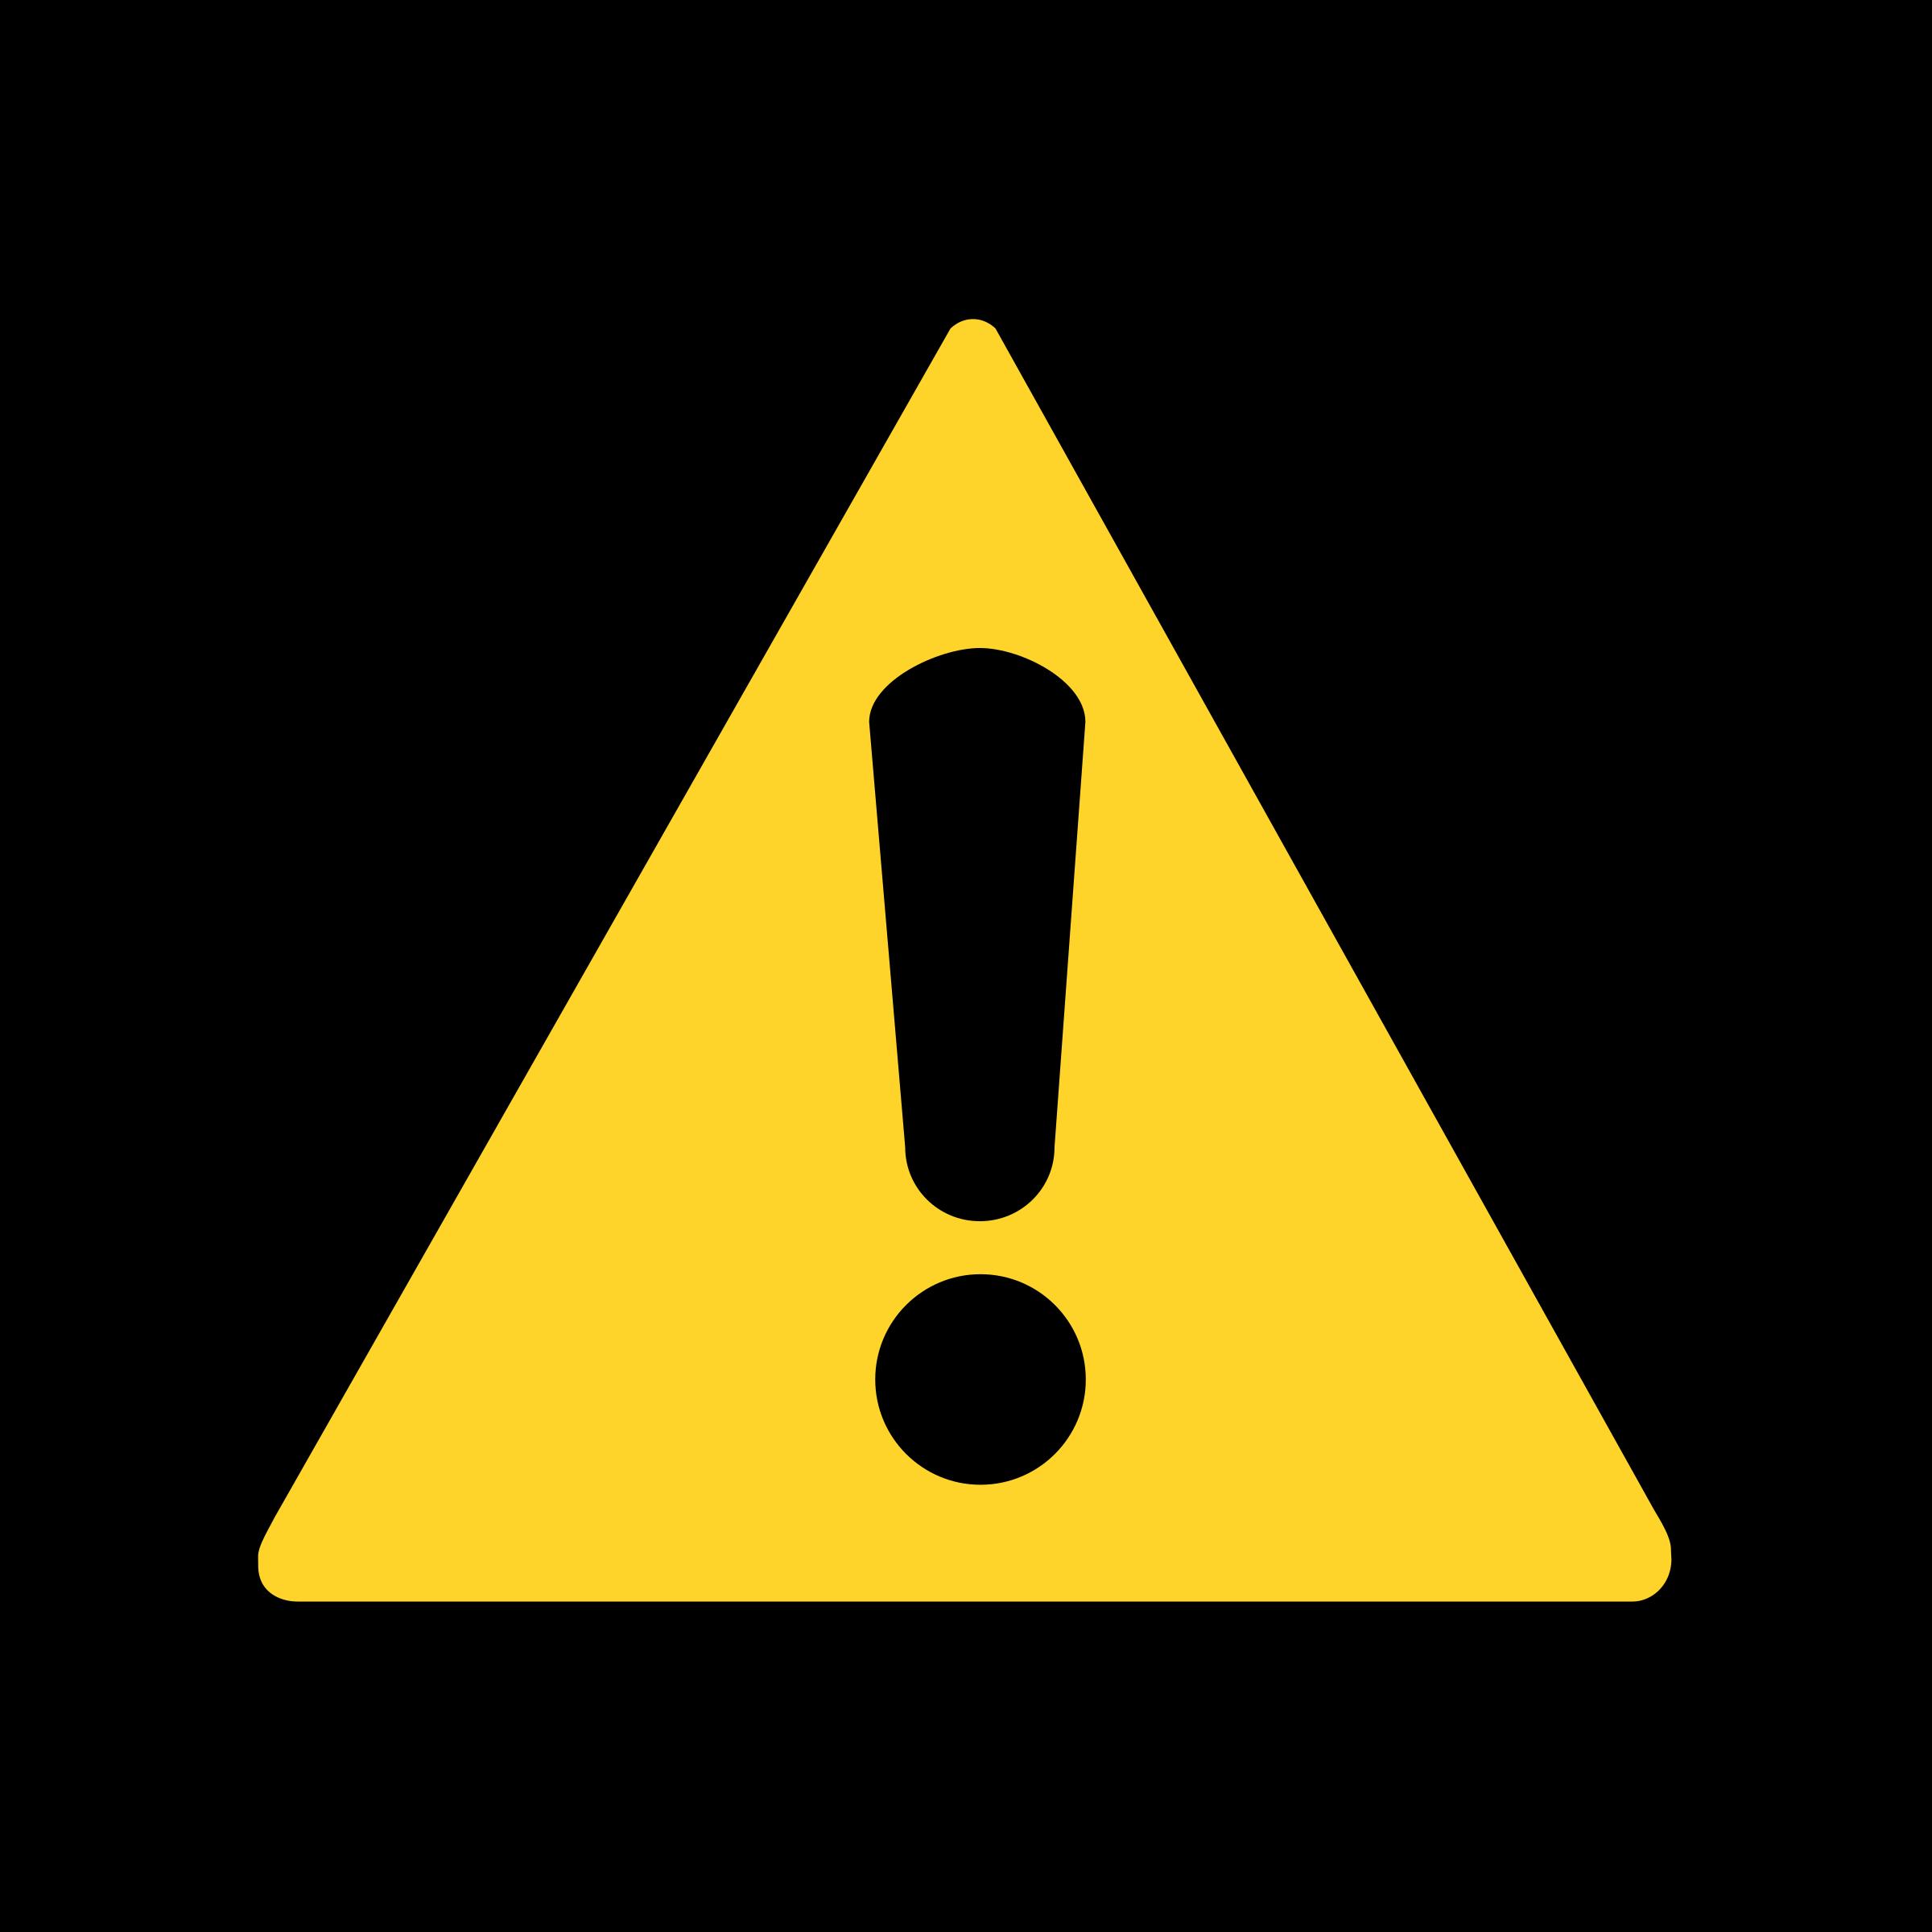 Résultats de recherche d'images pour «warning symbol png»